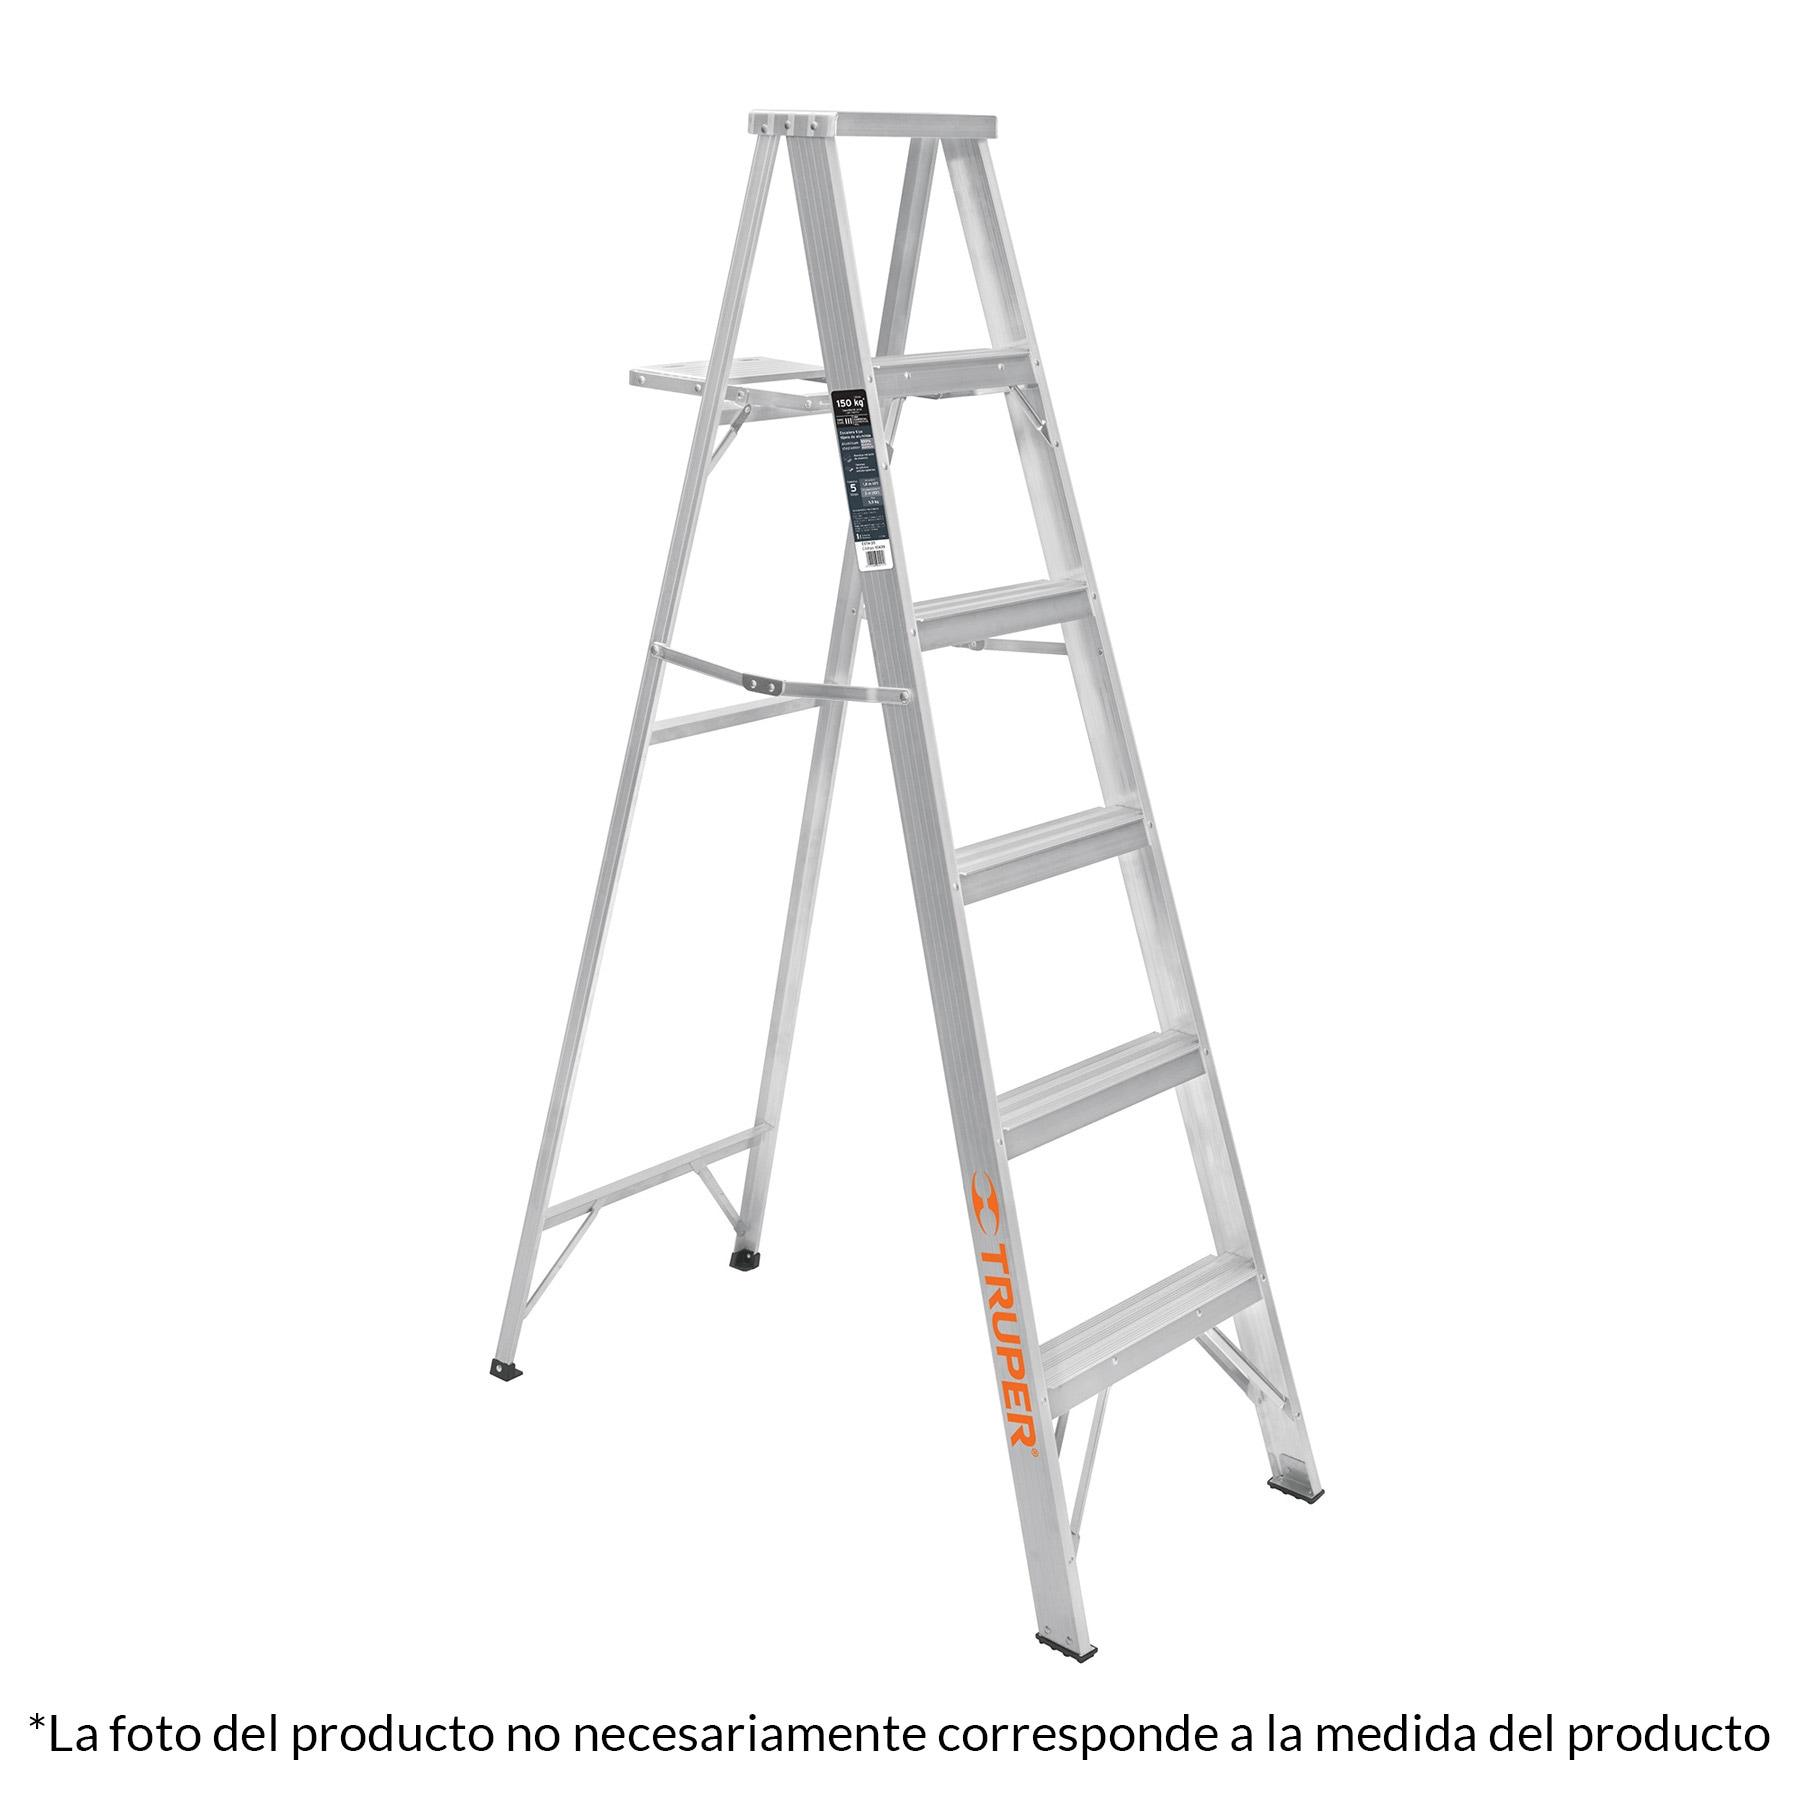 Escalera de tijera, aluminio, tipo lll, 4 escalones